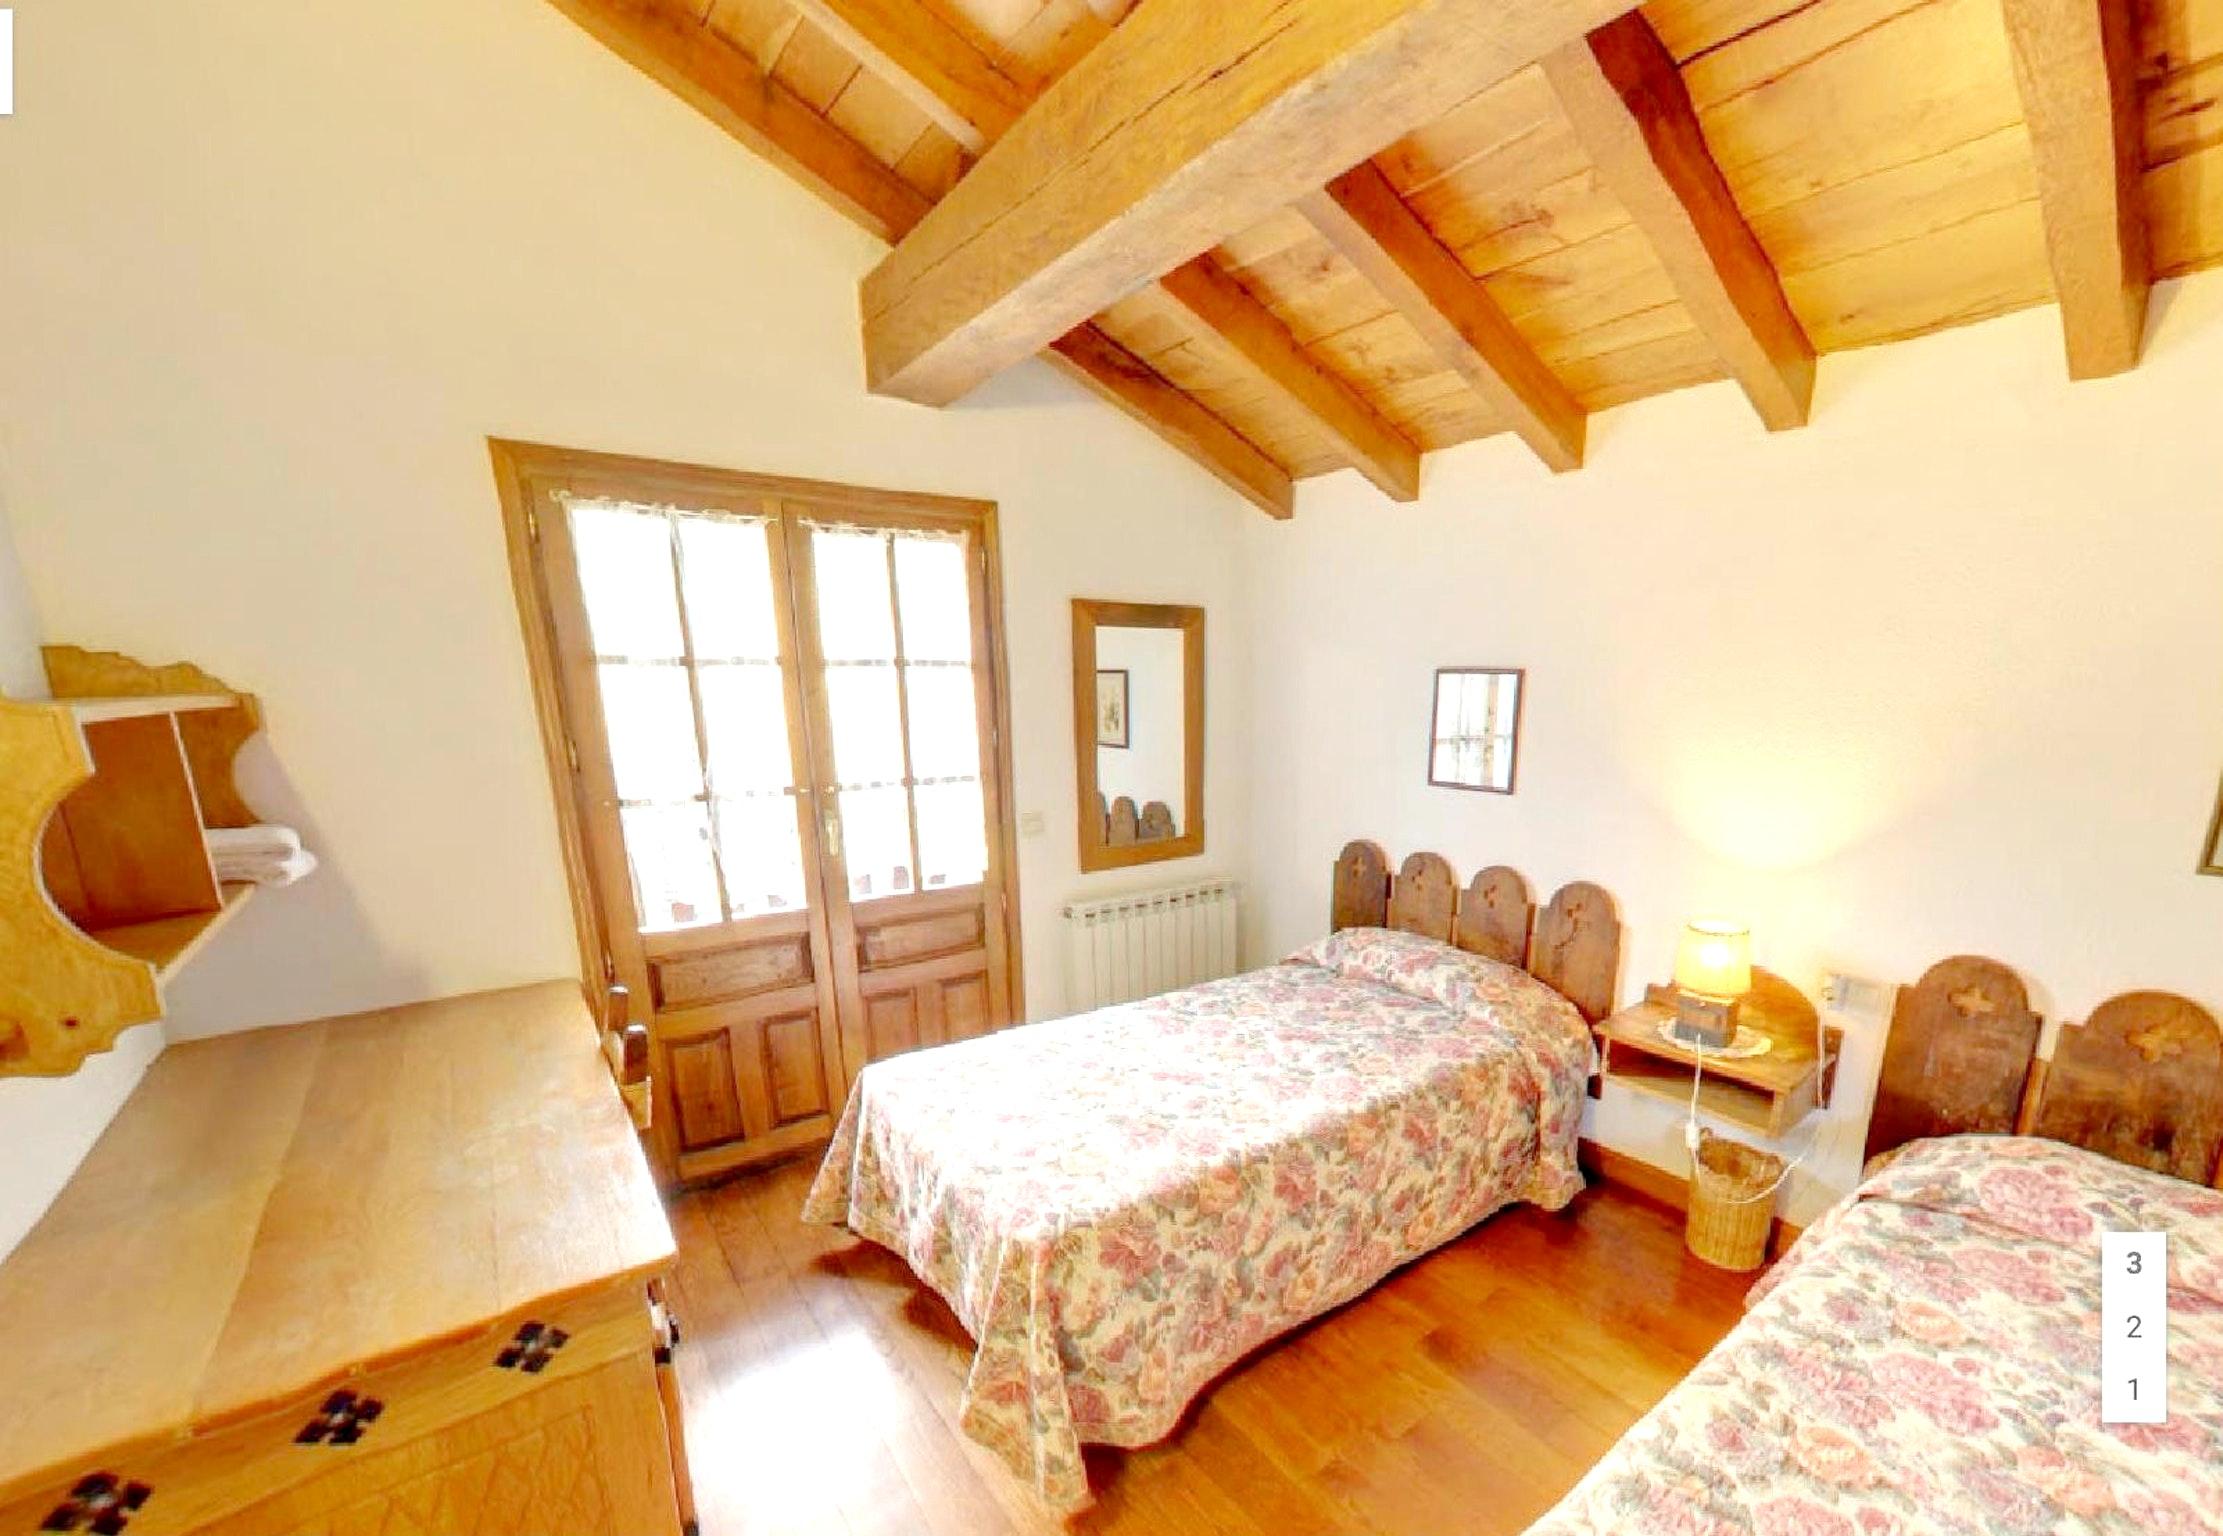 Ferienhaus Haus mit 6 Schlafzimmern in Lizaso mit eingezäuntem Garten und W-LAN - 500 m vom Strand en (2599807), Lizaso, , Navarra, Spanien, Bild 15